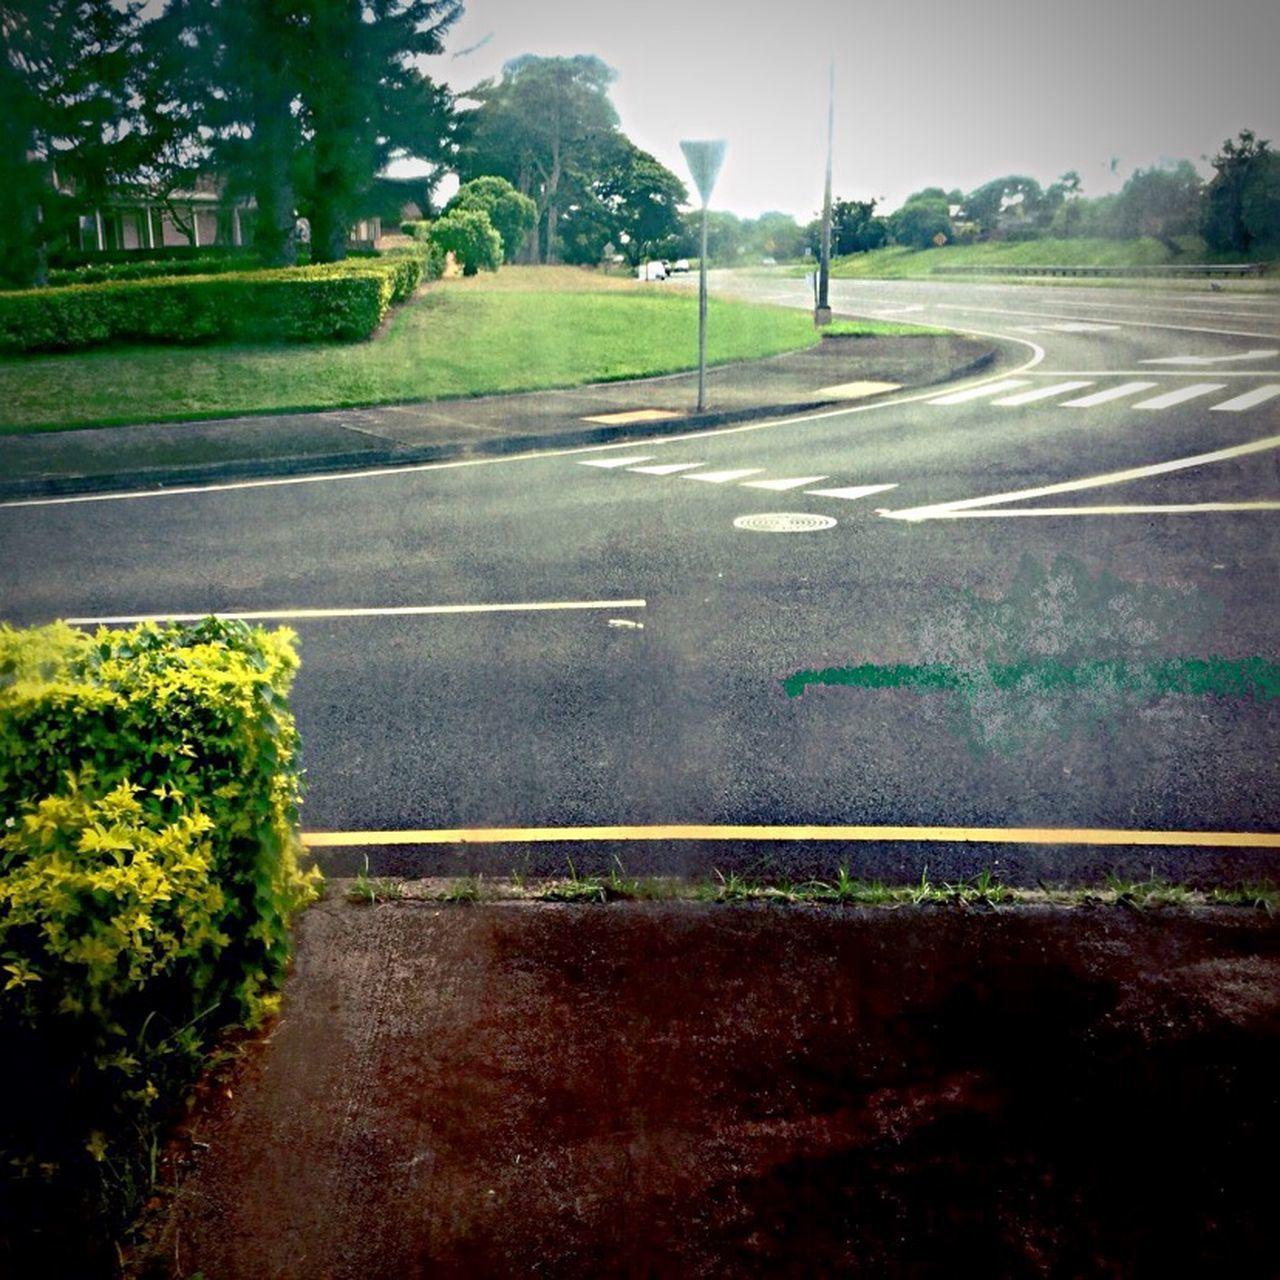 road, transportation, plant, symbol, sign, road marking, marking, nature, no people, tree, day, outdoors, city, asphalt, land, mode of transportation, street, sky, direction, landscape, dividing line